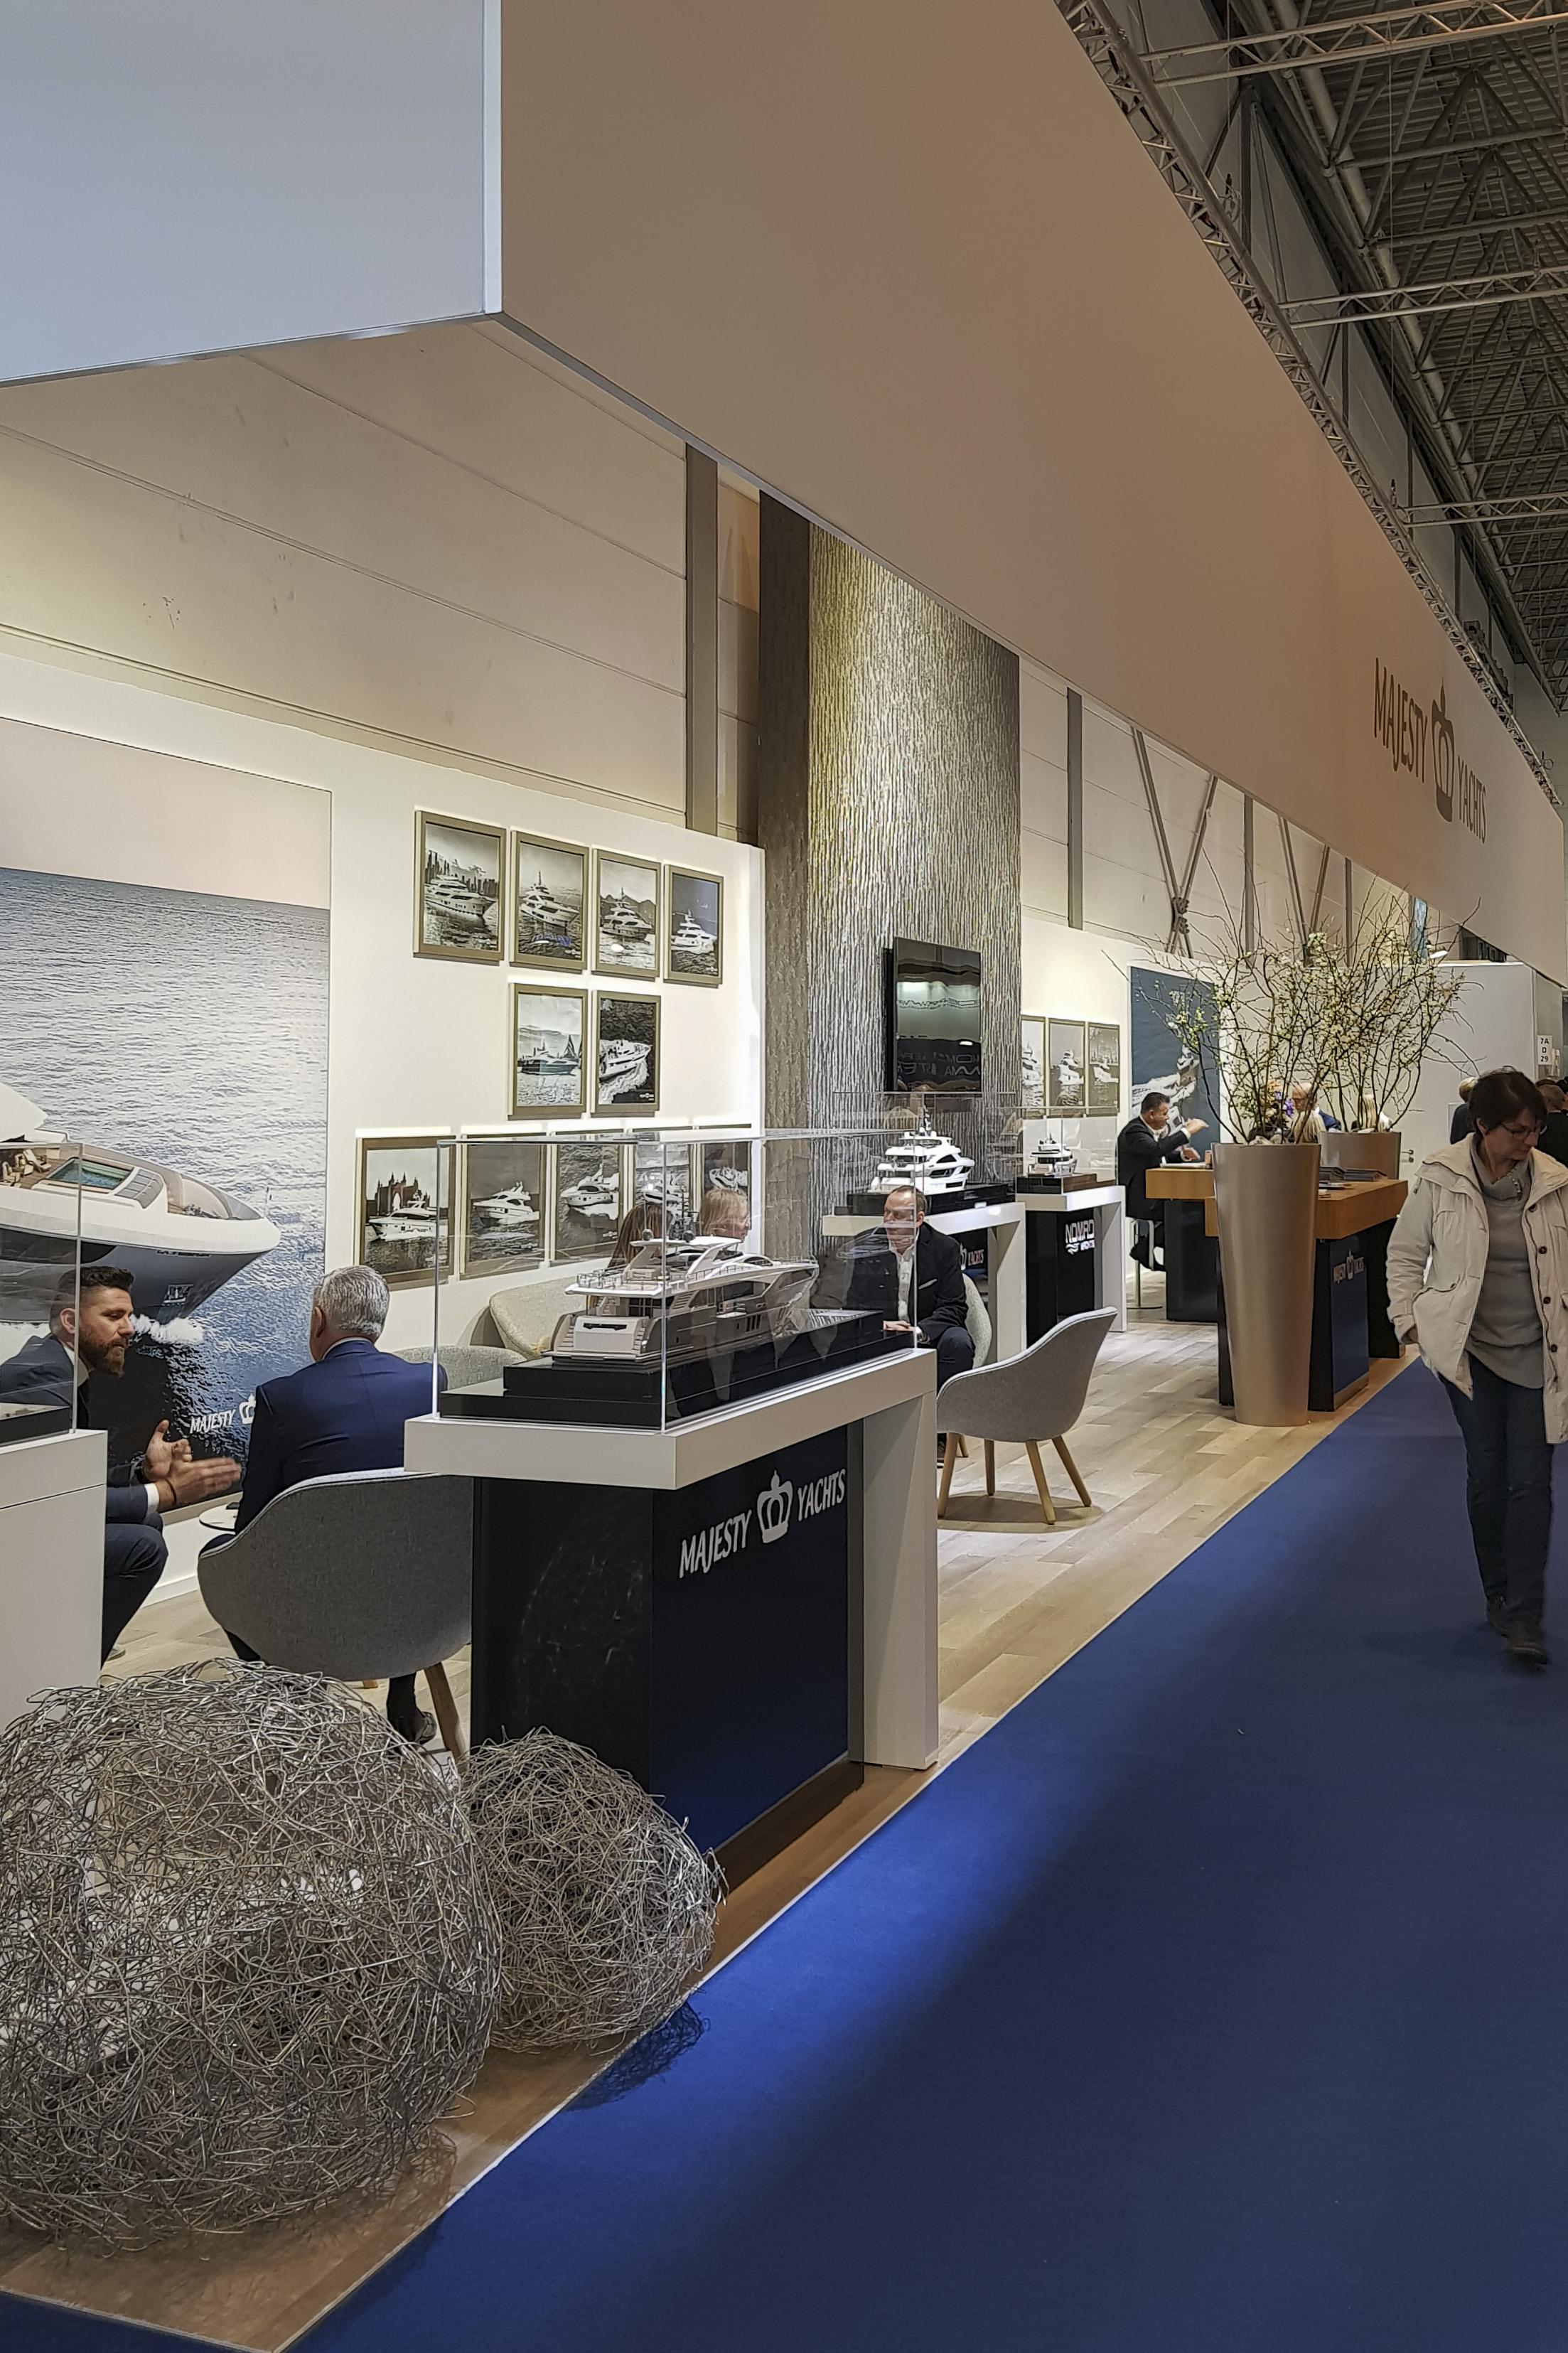 Gulf Craft at Dusseldorf Boat Show 2019 (6)